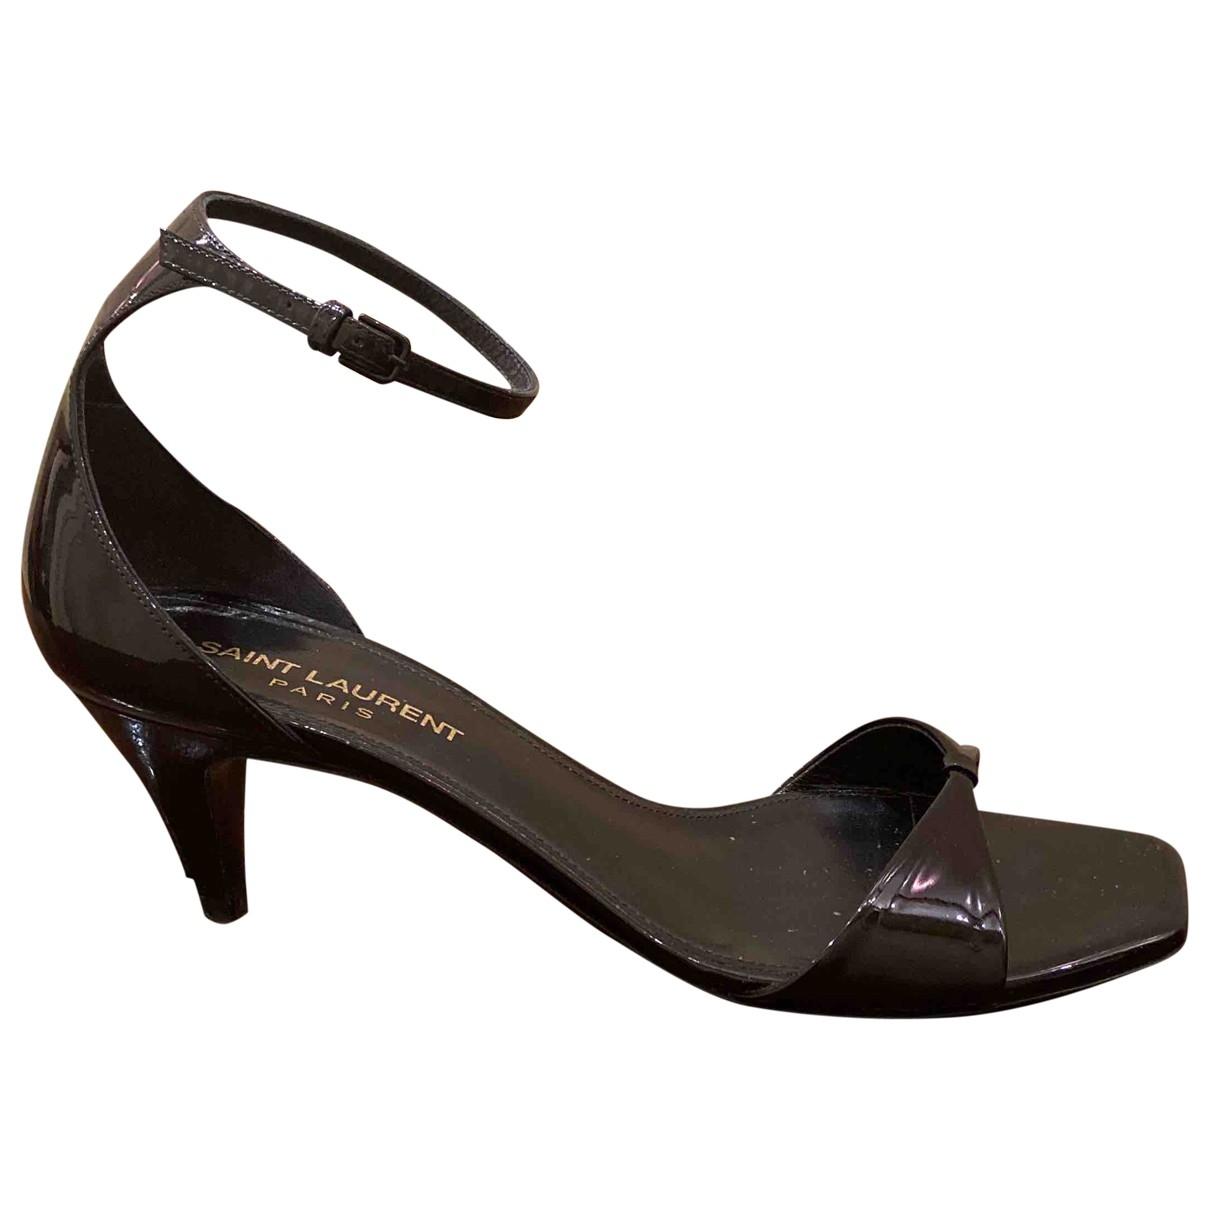 Saint Laurent \N Black Patent leather Sandals for Women 37 IT